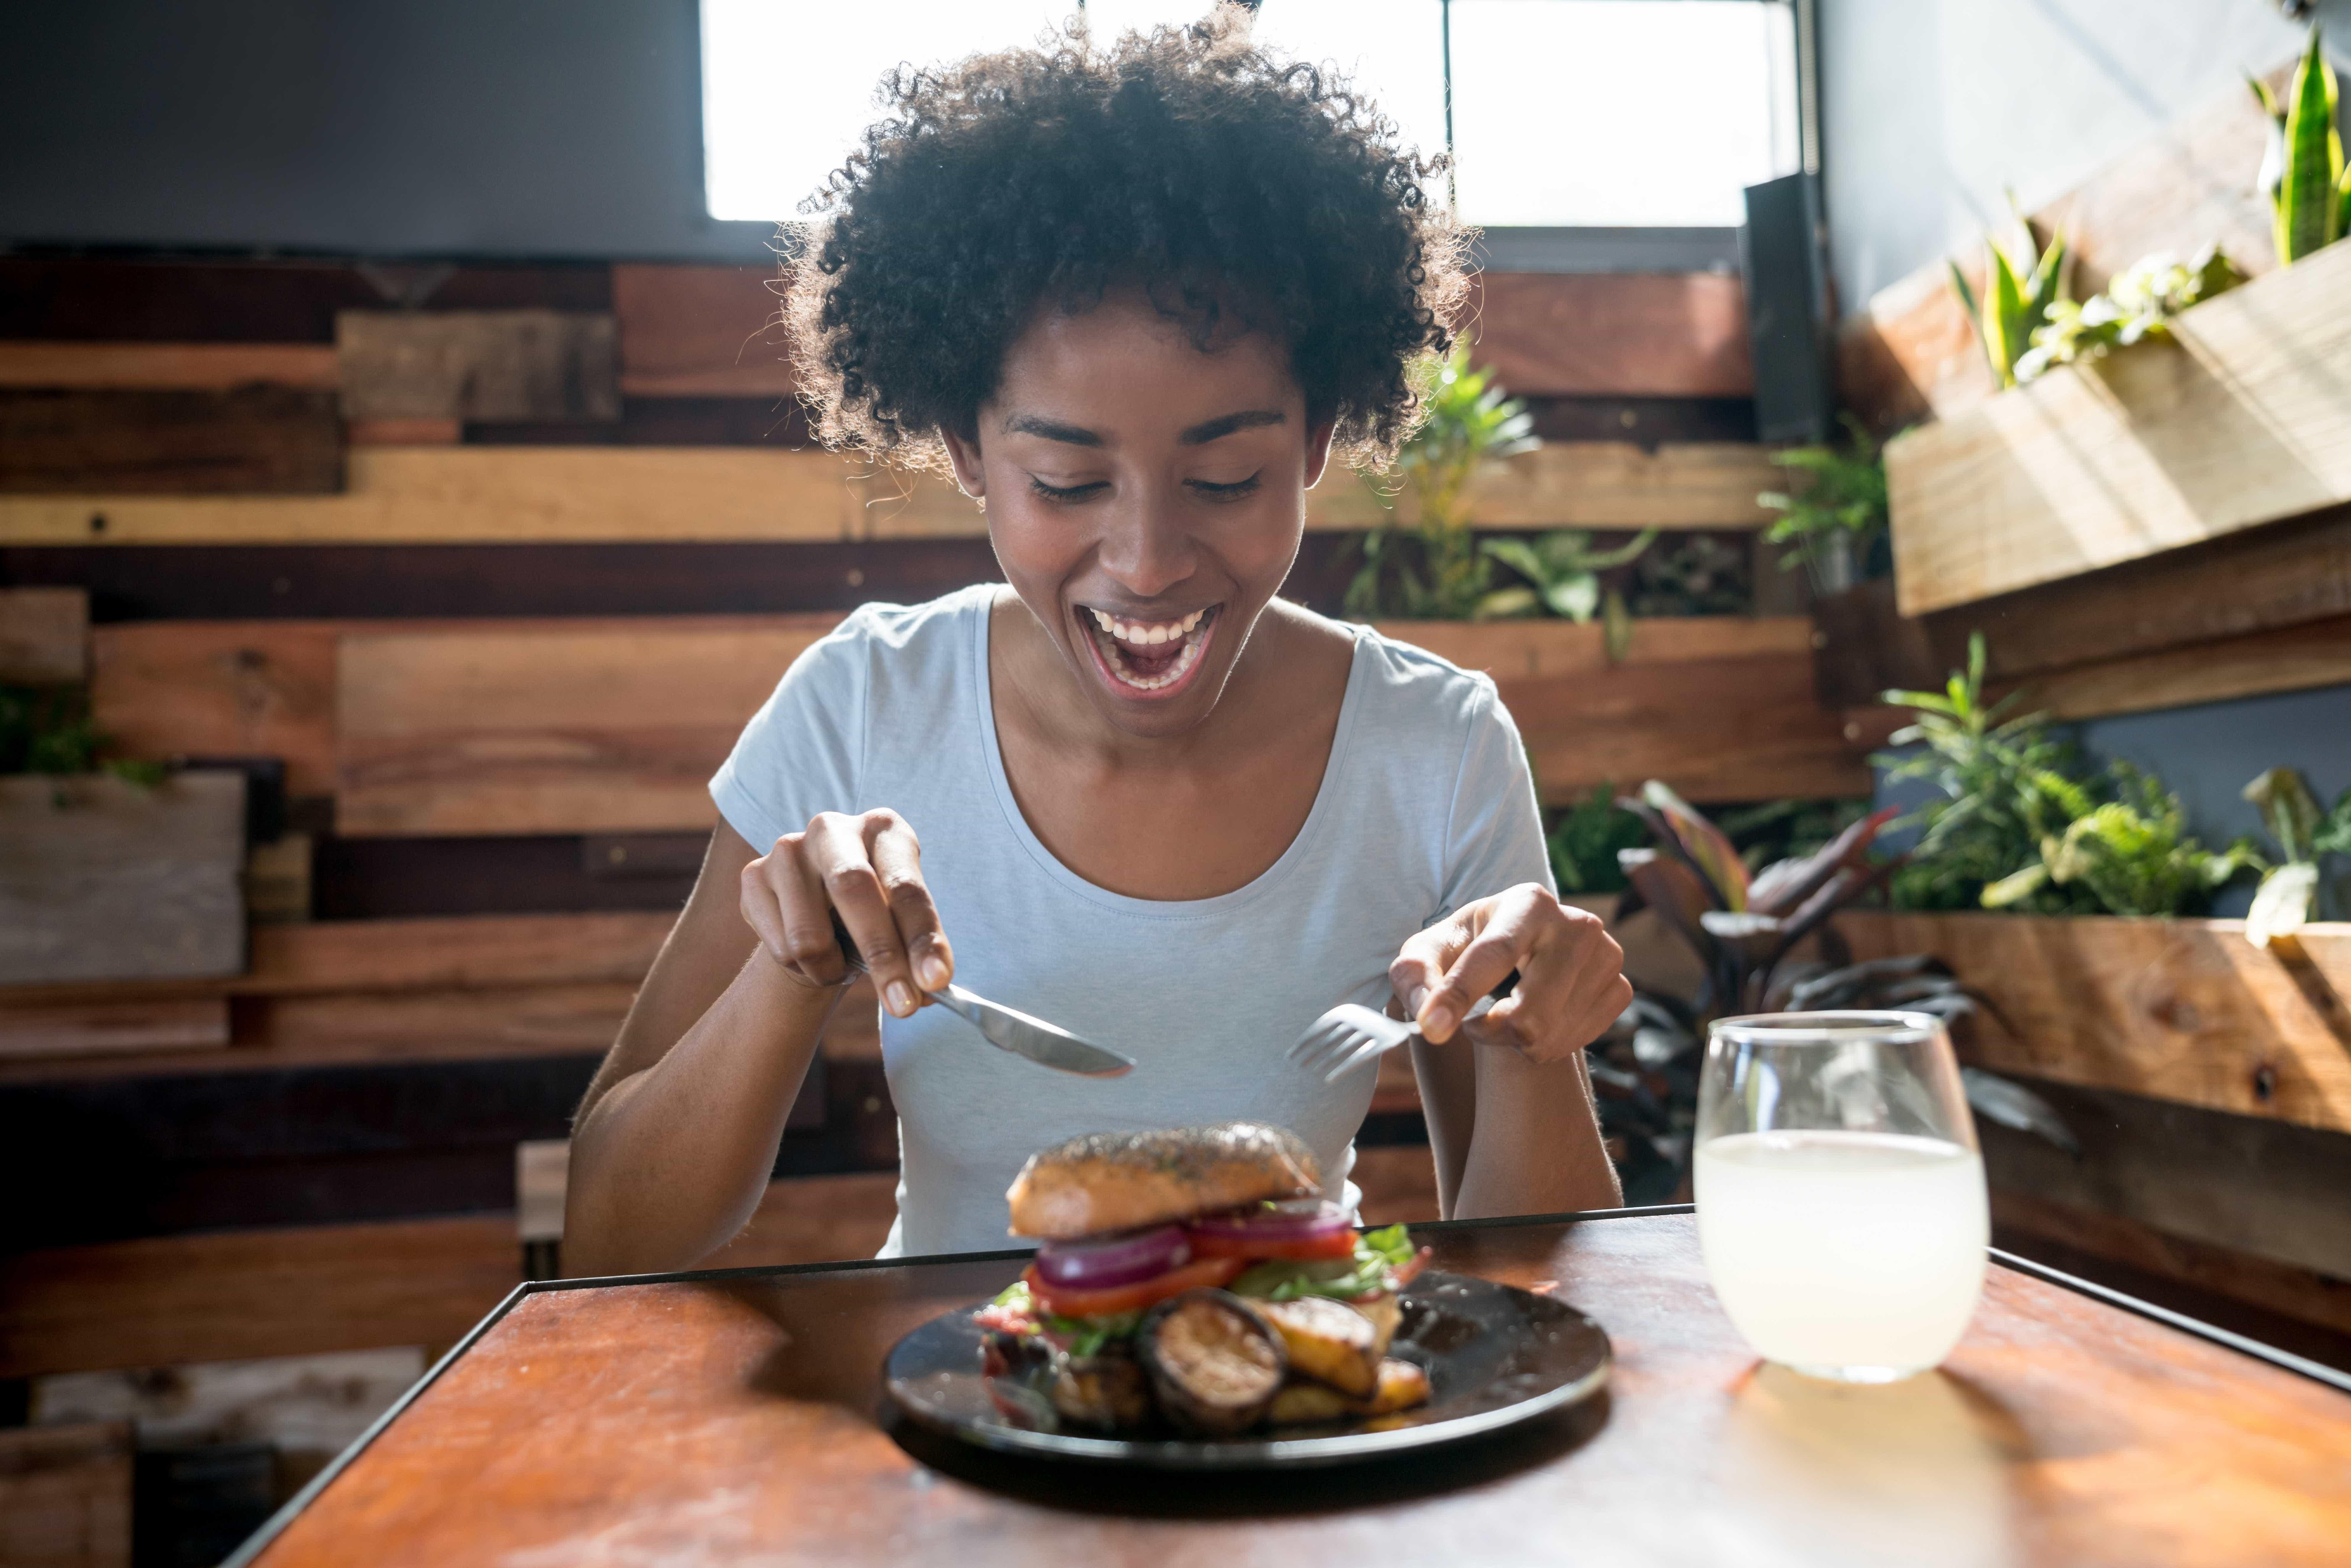 Comer carne processada aumenta risco de doença respiratória